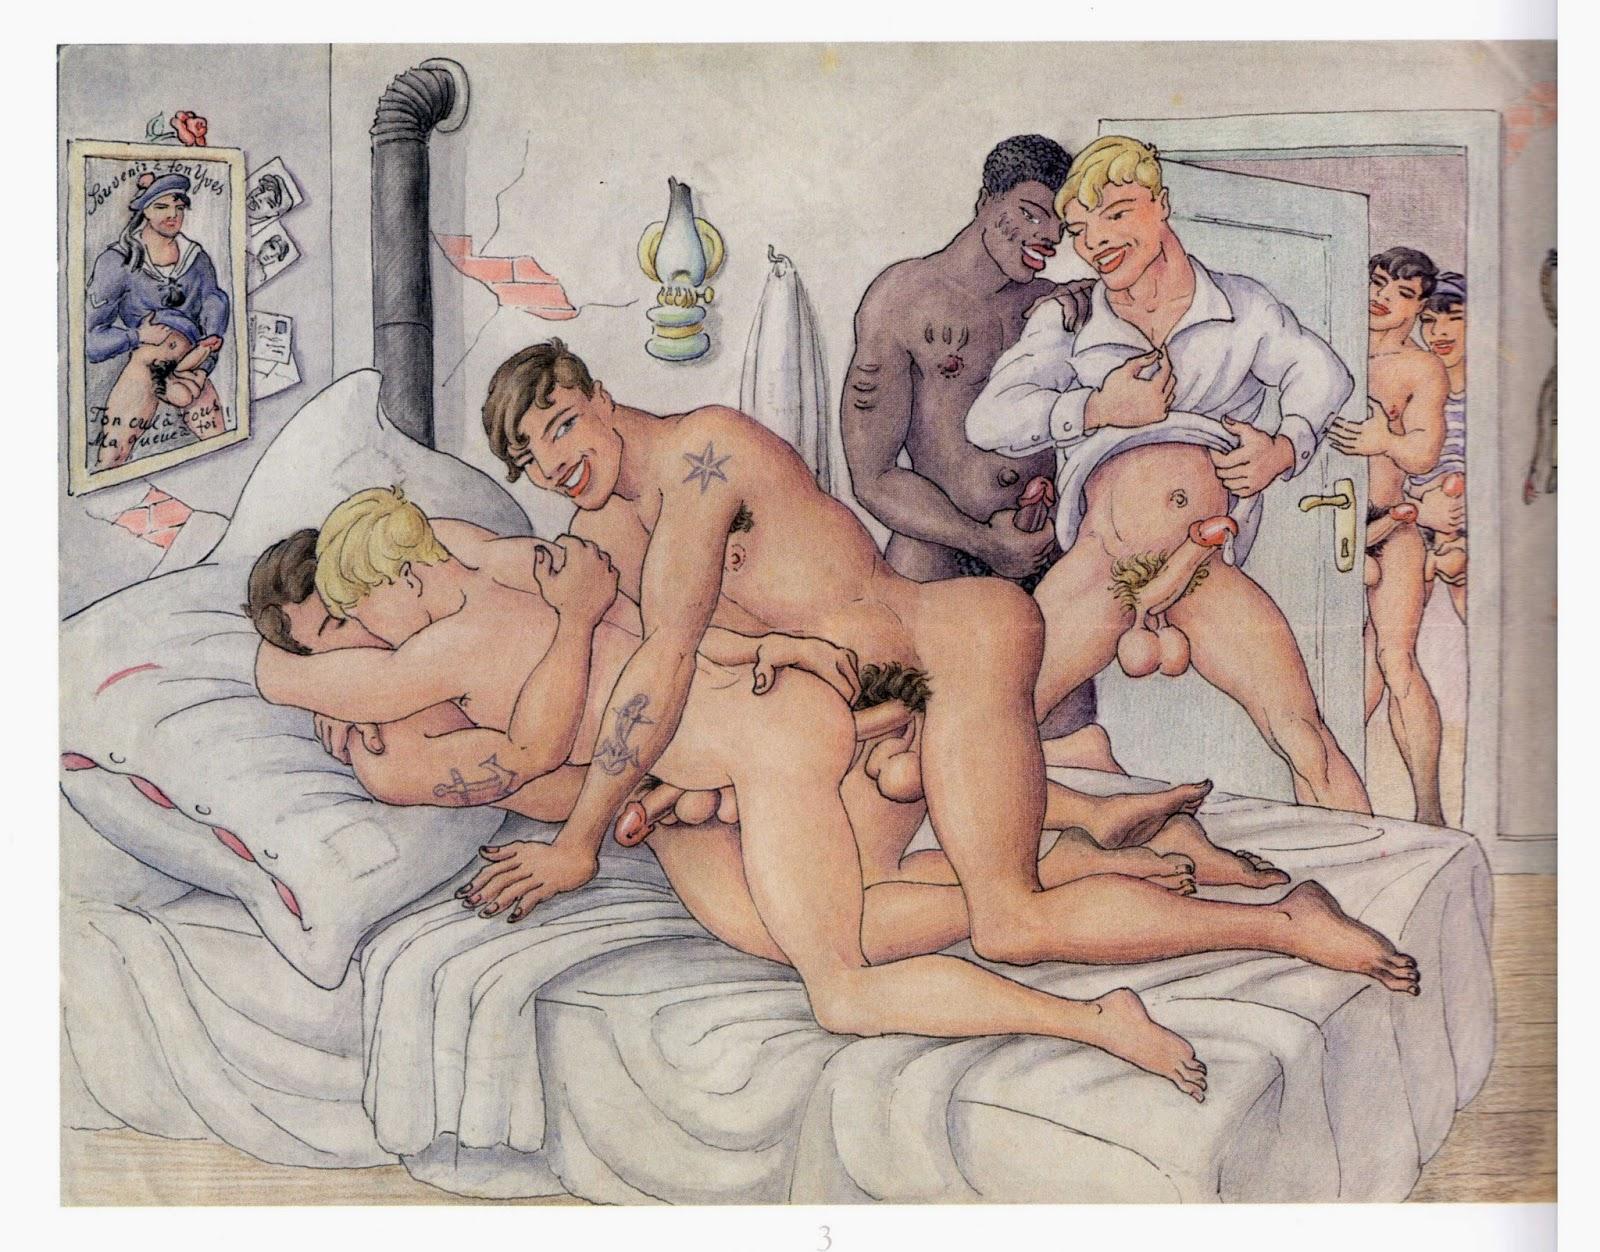 Рисунки порно извращения, Извращенные порно рисунки Biele Порно комиксы 2 фотография